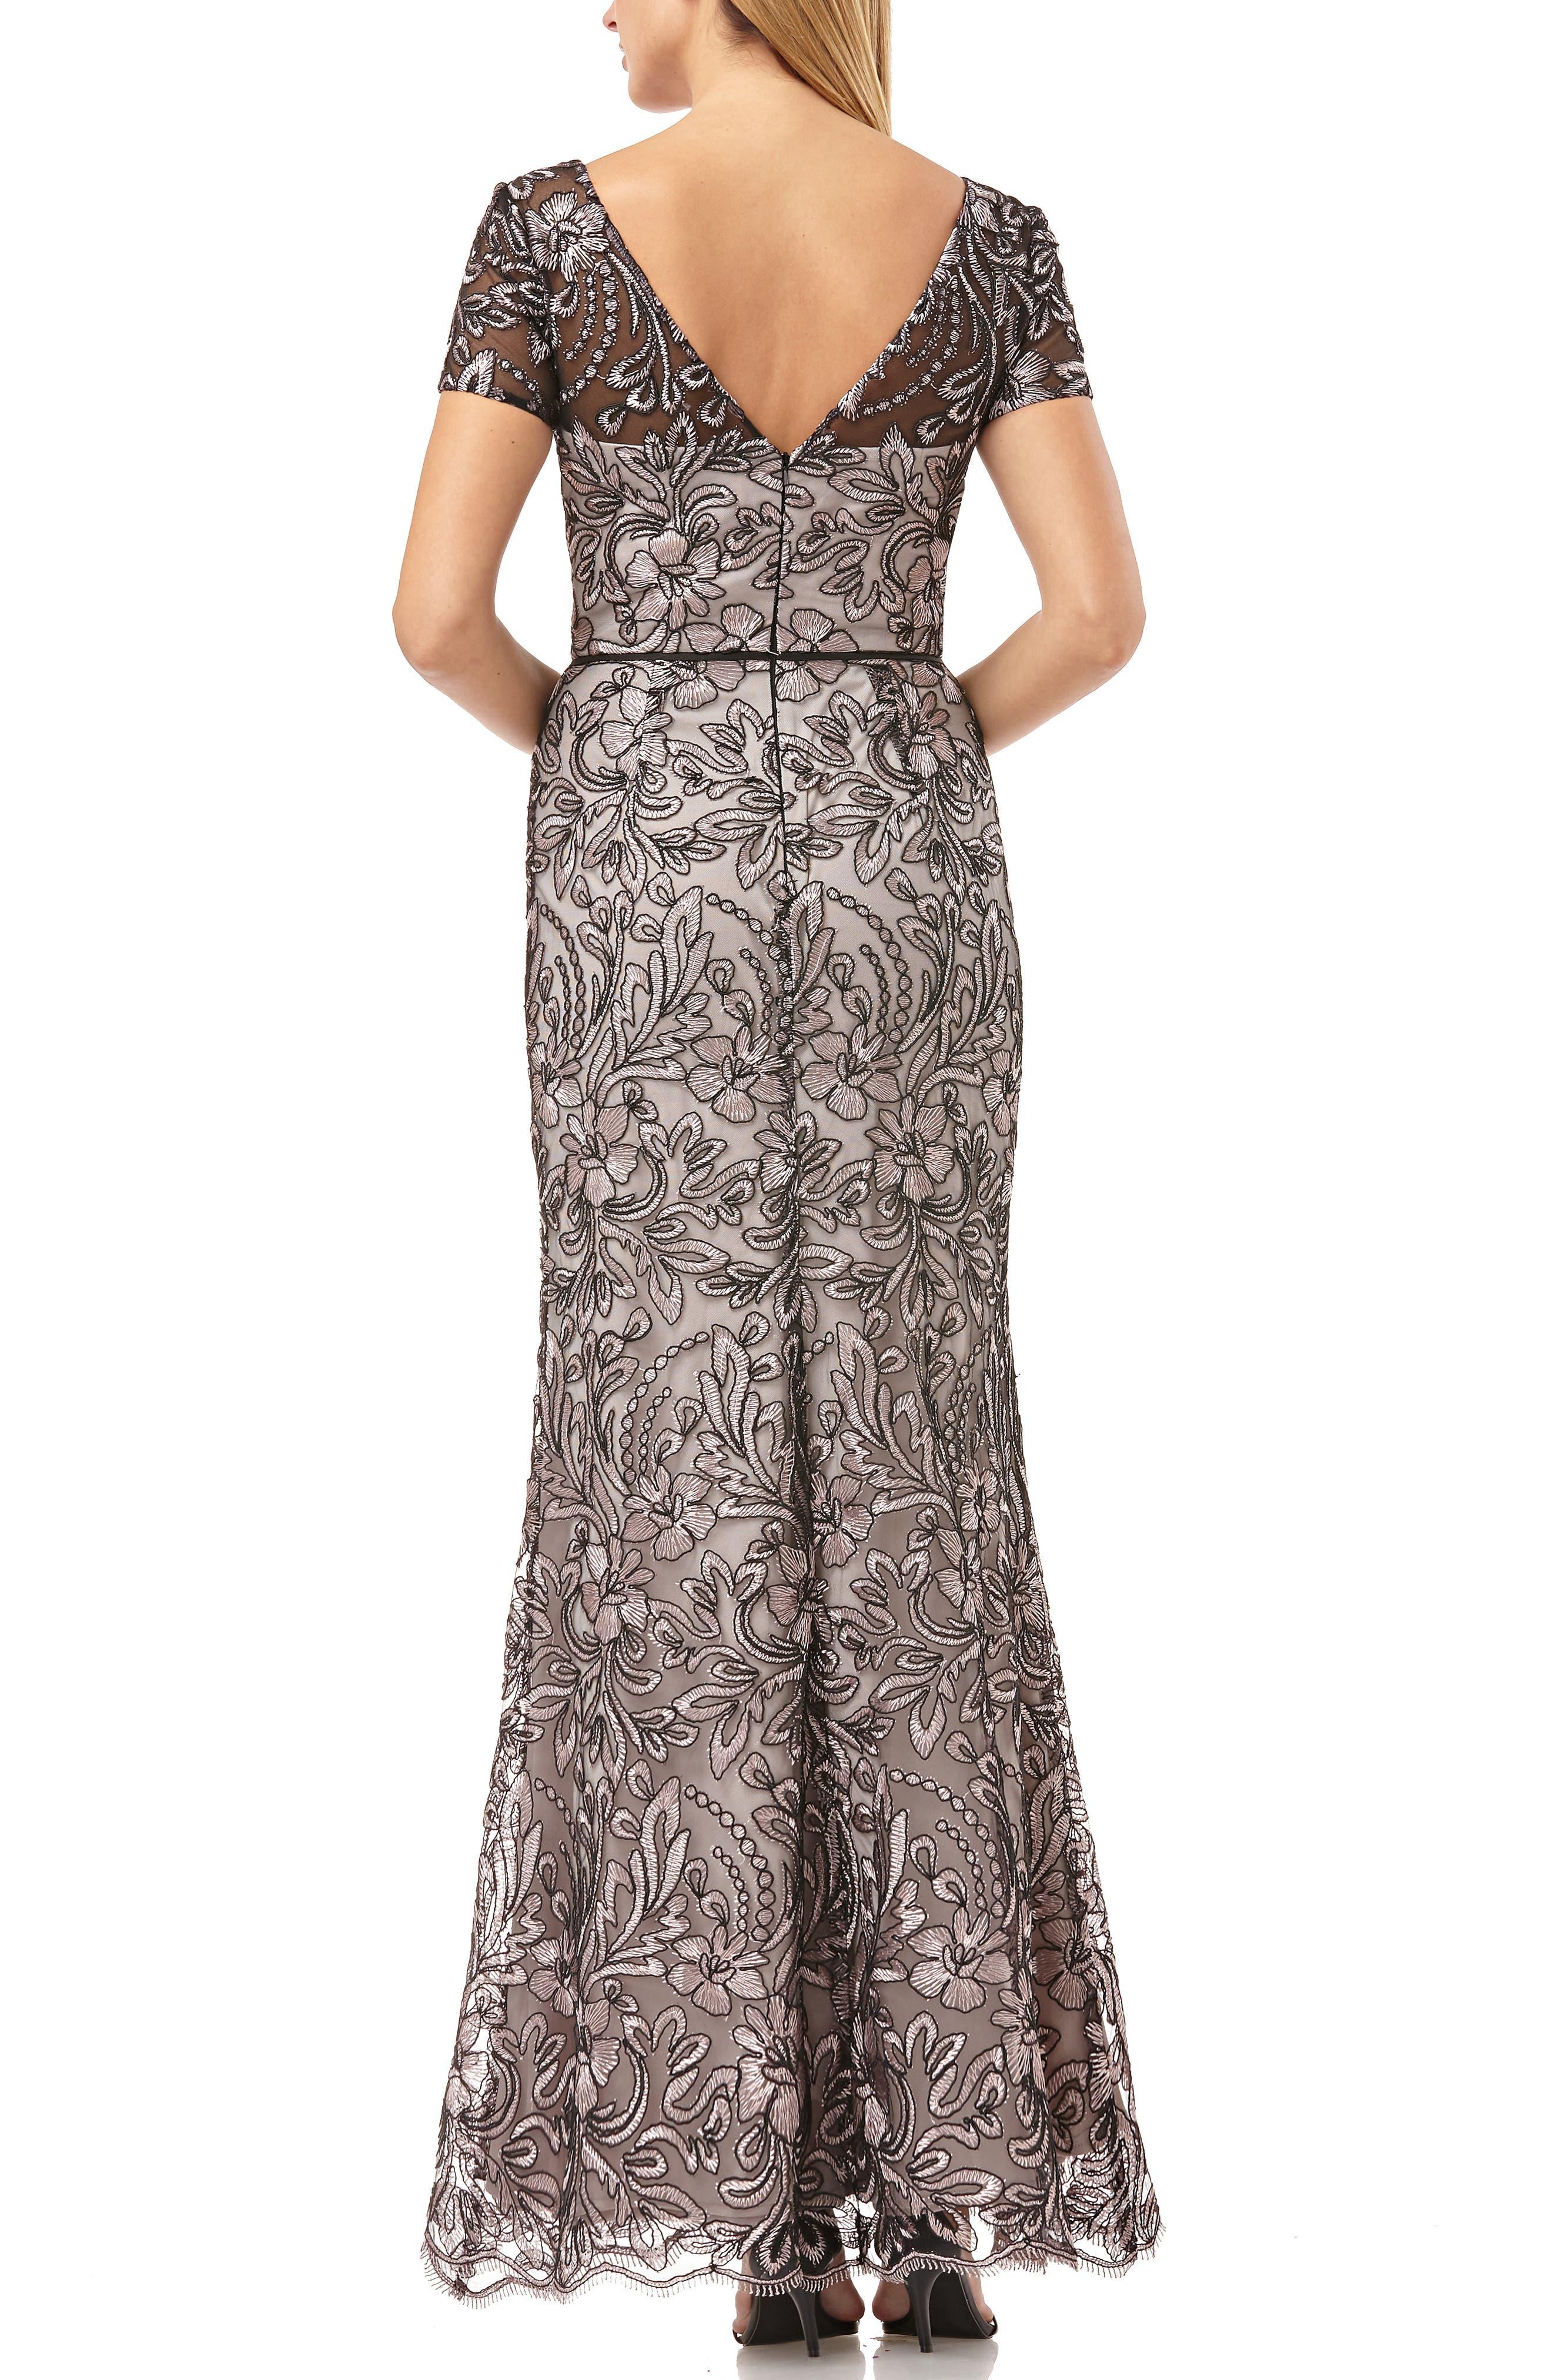 0a50a4729151 Women's Sale Dresses | Nordstrom